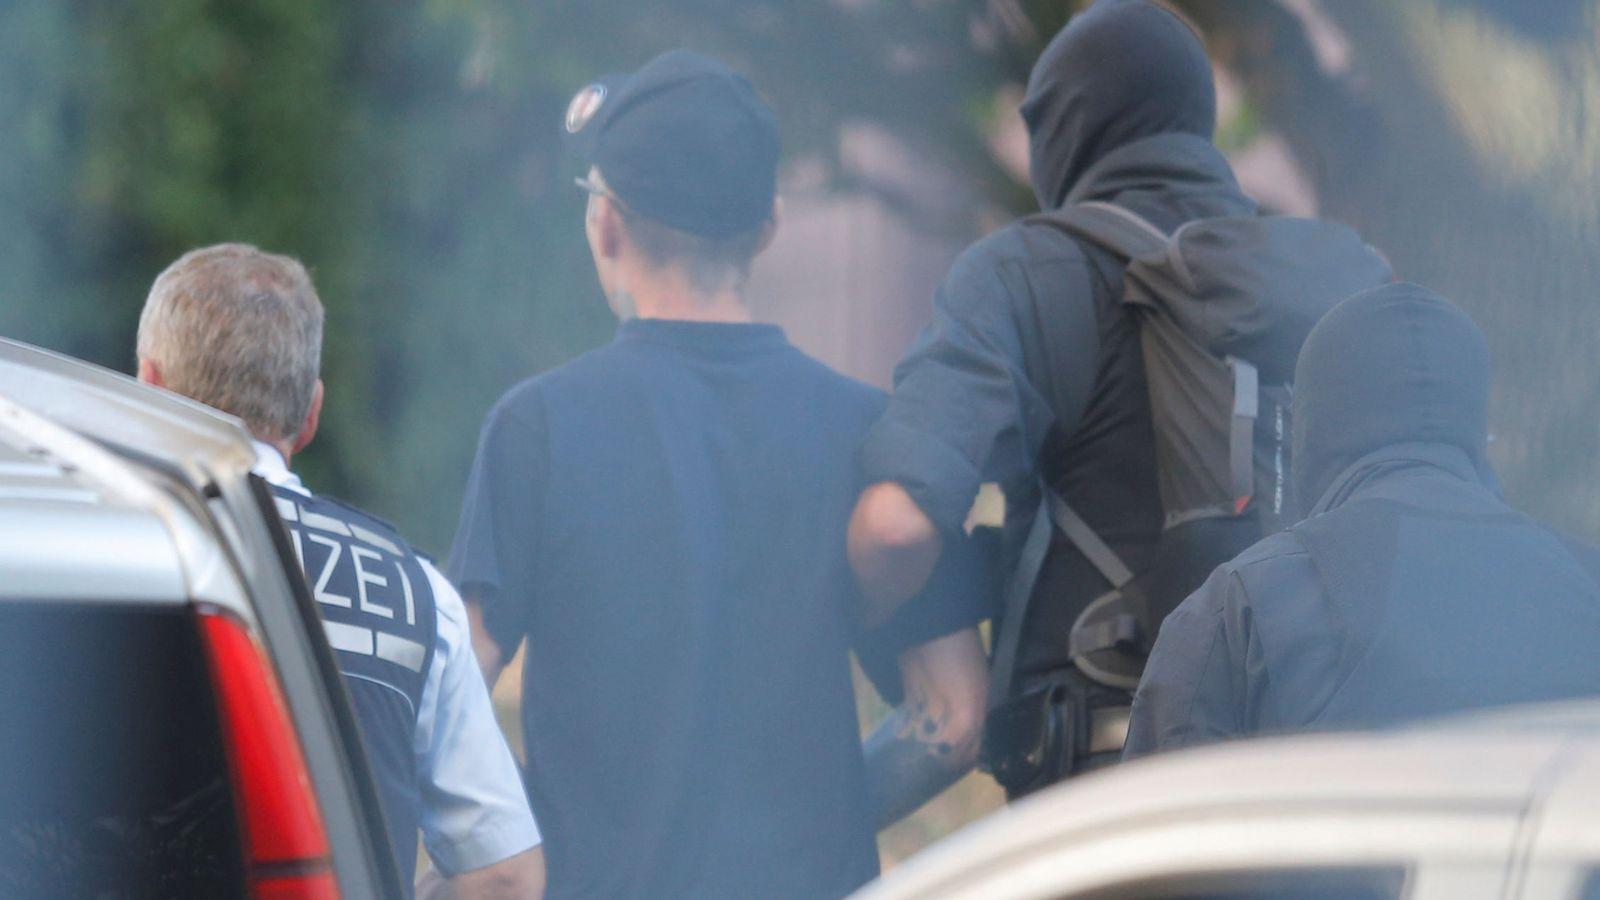 Foto: Detención de uno de los miembros del comando de extrema derecha que quería atentar (REUTERS)